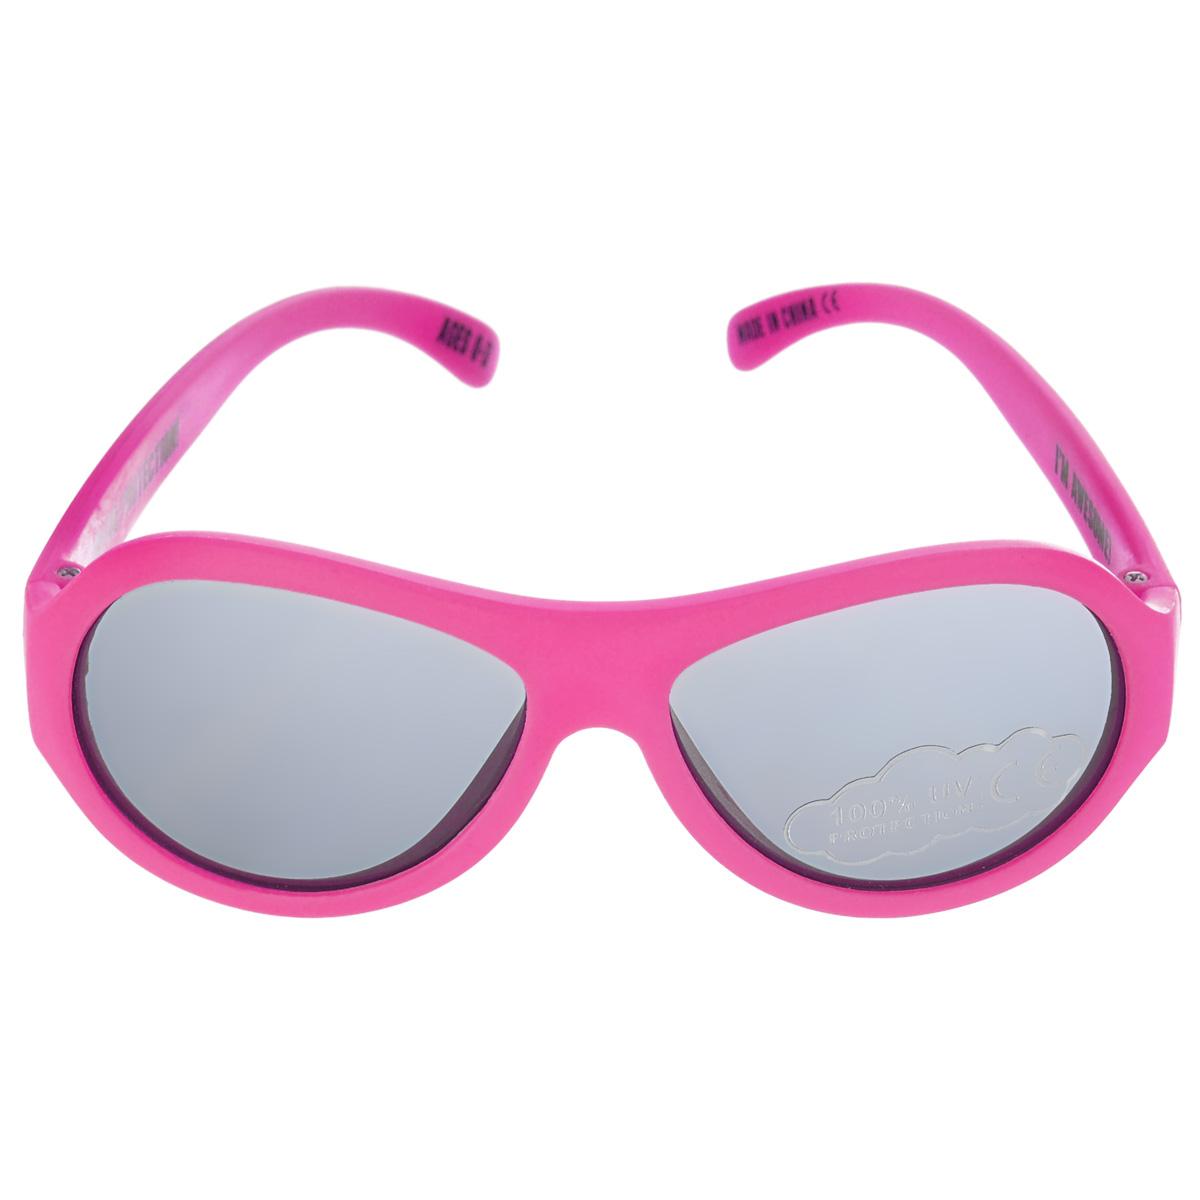 Детские солнцезащитные очки Babiators Поп-звезда (Popstar), цвет: розовый, 0-3 годаBAB-043Вы делаете все возможное, чтобы ваши дети были здоровы и в безопасности. Шлемы для езды на велосипеде, солнцезащитный крем для прогулок на солнце... Но как насчет влияния солнца на глаза вашего ребенка? Правда в том, что сетчатка глаза у детей развивается вместе с самим ребенком. Это означает, что глаза малышей не могут отфильтровать УФ-излучение. Проблема понятна - детям нужна настоящая защита, чтобы глазки были в безопасности, а зрение сильным. Каждая пара солнцезащитных очков Babiators для детей обеспечивает 100% защиту от UVA и UVB. Прочные линзы высшего качества из поликарбоната не подведут в самых сложных переделках. В отличие от обычных пластиковых очков, оправа Babiators выполнена из гибкого прорезиненного материала (термопластичного эластомера), что делает их ударопрочными, их можно сгибать и крутить - они не сломаются и вернутся в прежнюю форму. Не бойтесь, что ребенок сядет на них - они все выдержат. Будьте уверены, что очки...